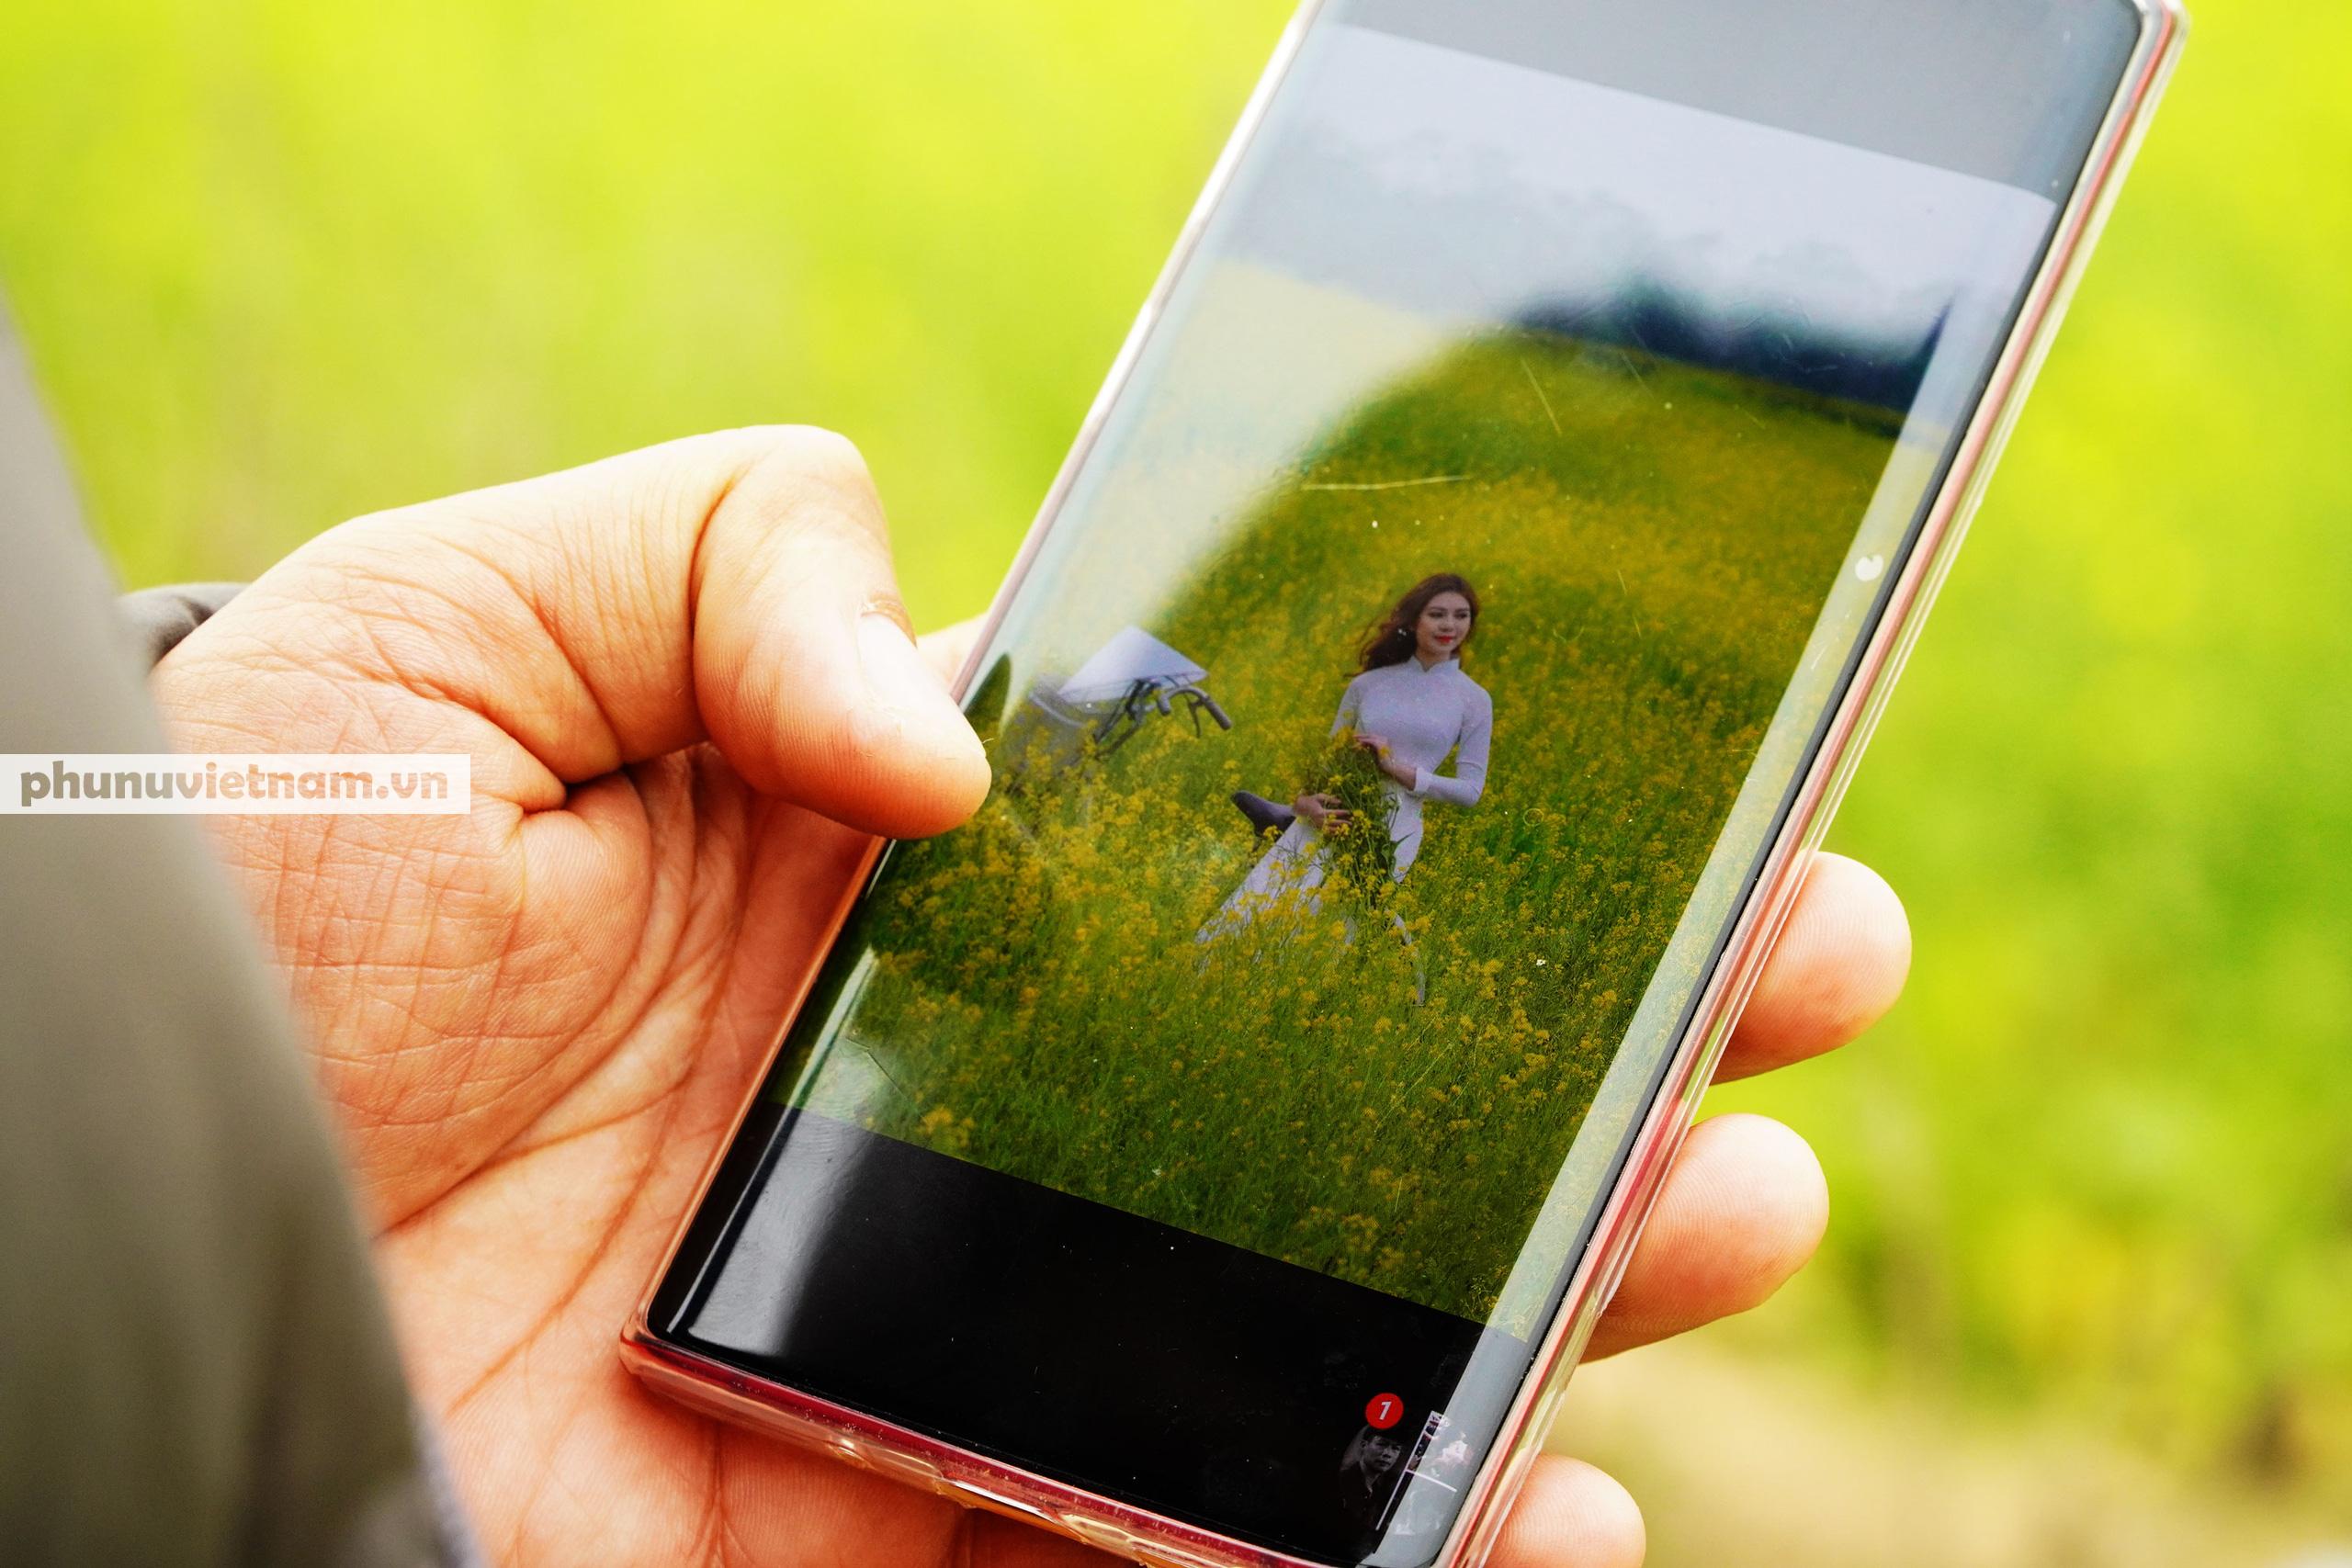 Thiếu nữ áo trắng đẹp hút lòng người trên cánh đồng hoa cải vàng ở Chi Đông - Ảnh 6.